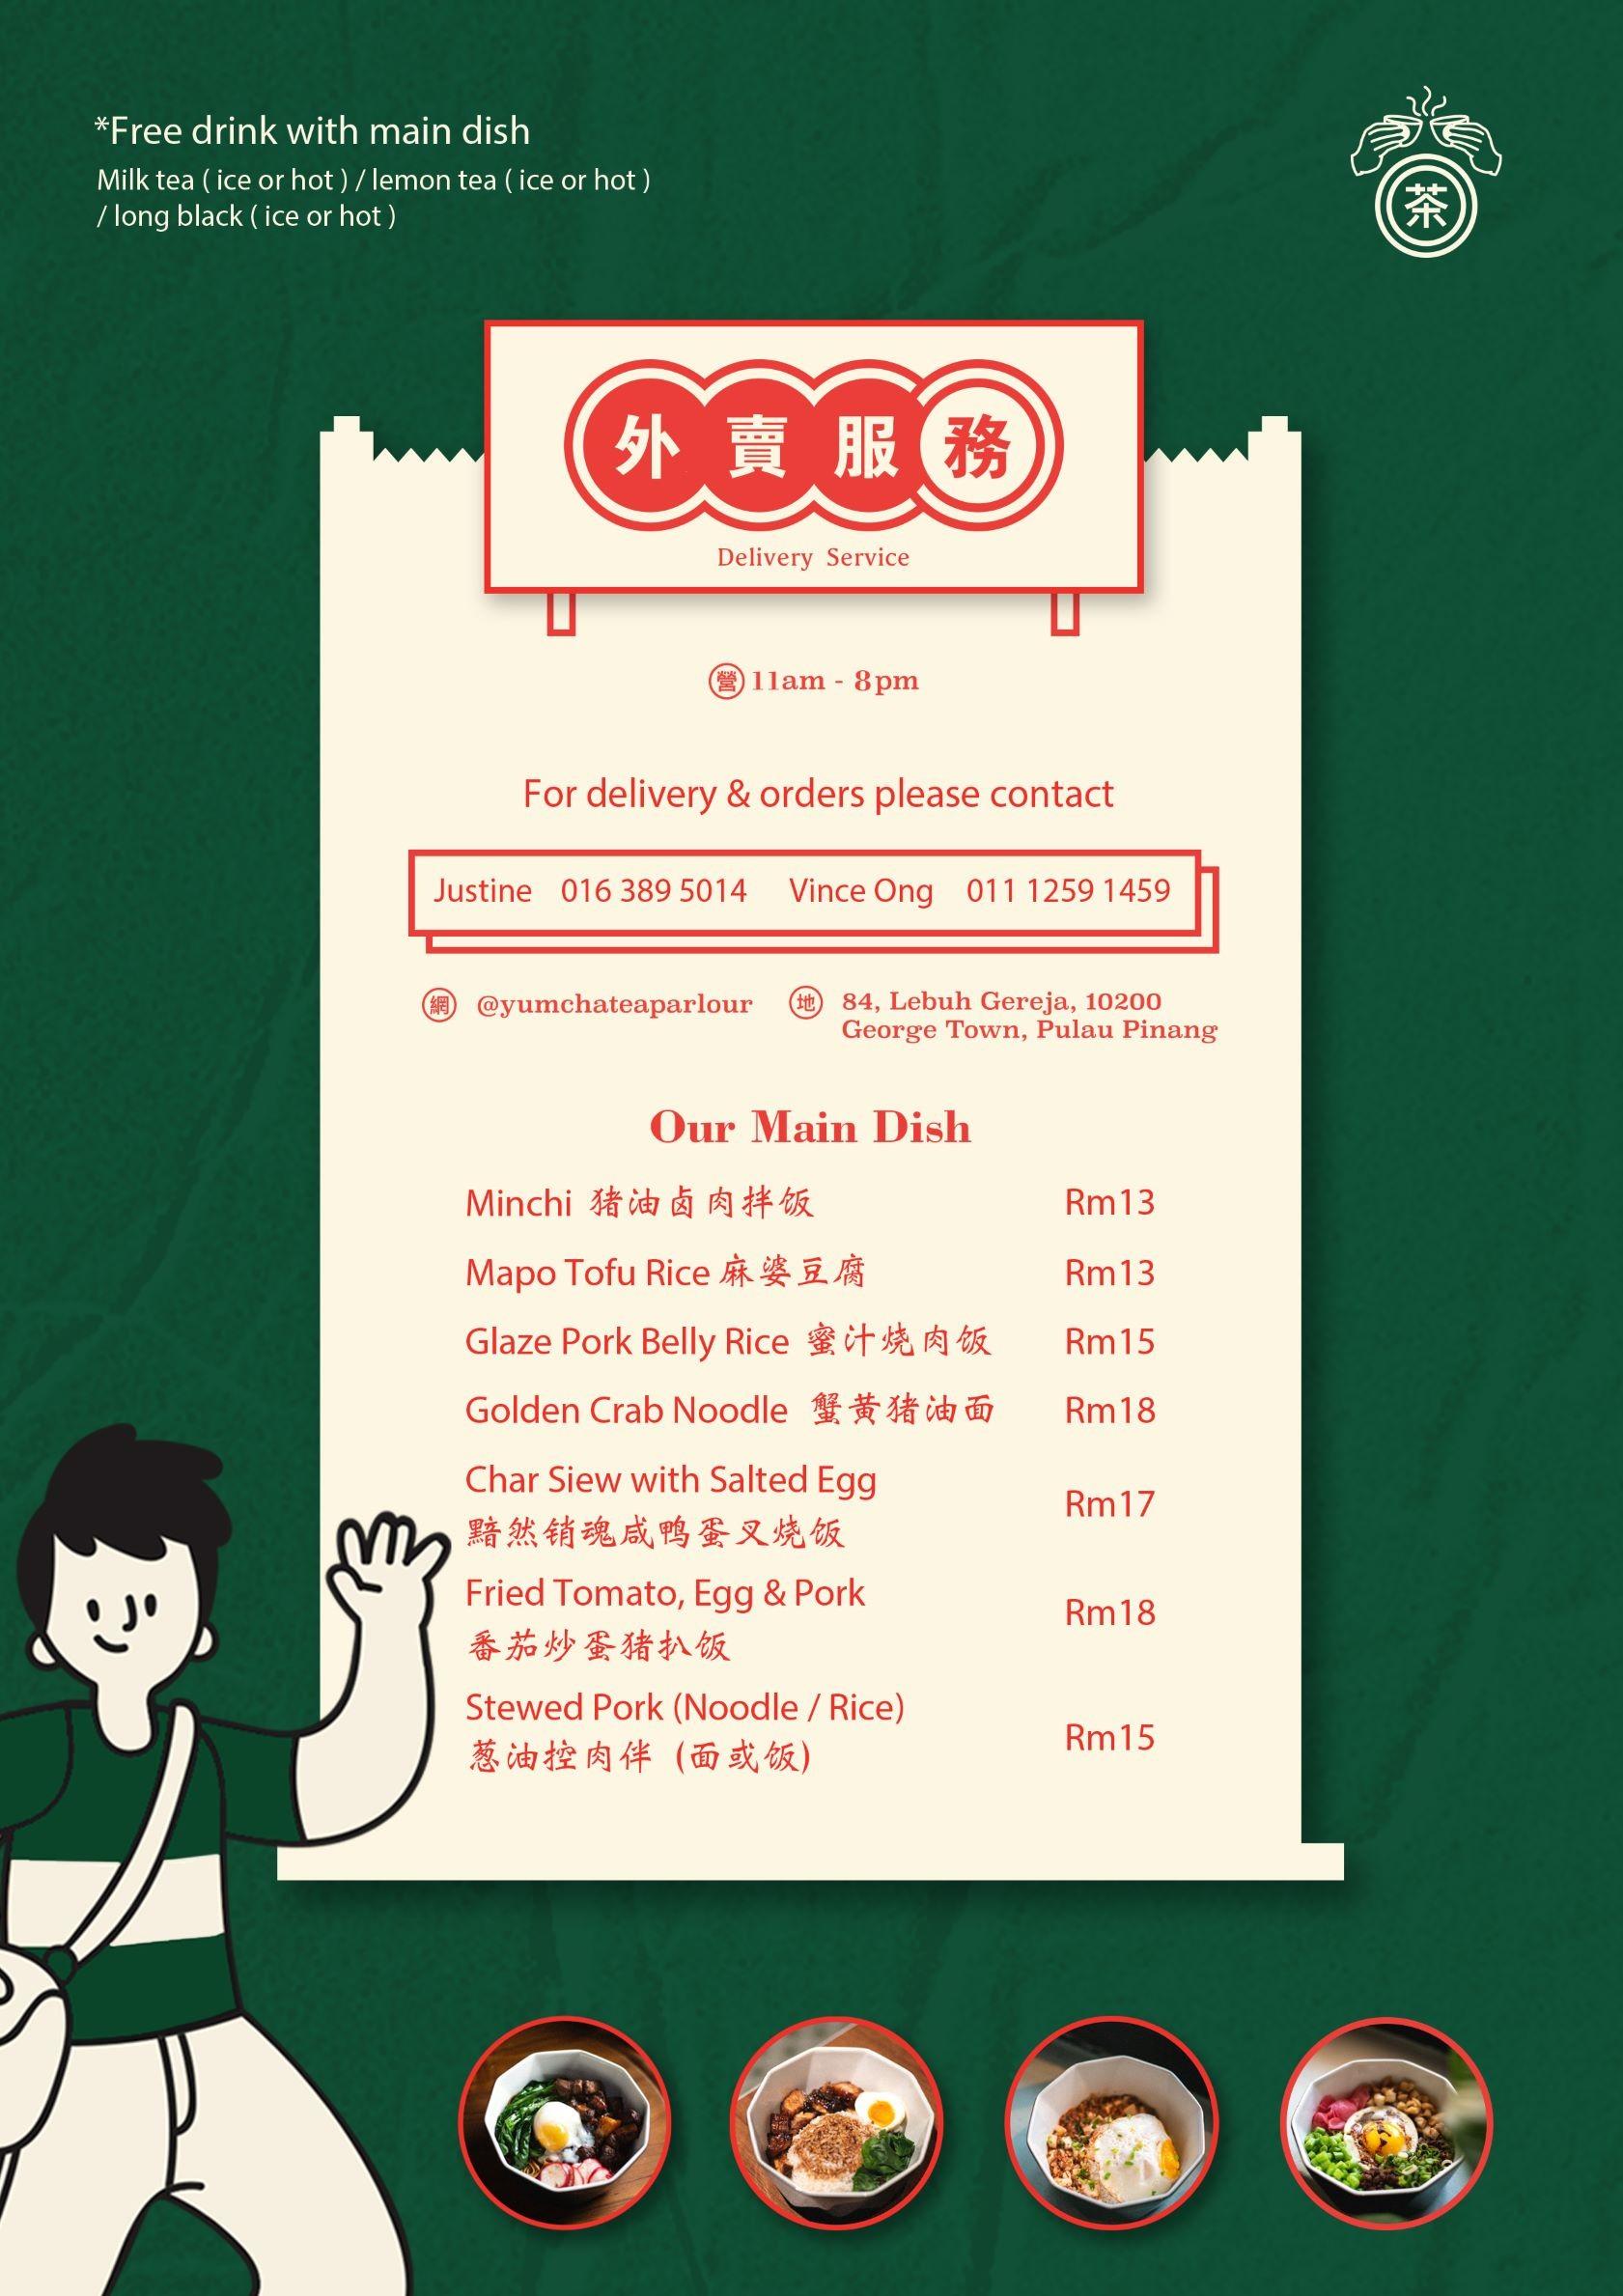 Main Menu by Yum Cha Tea Parlour